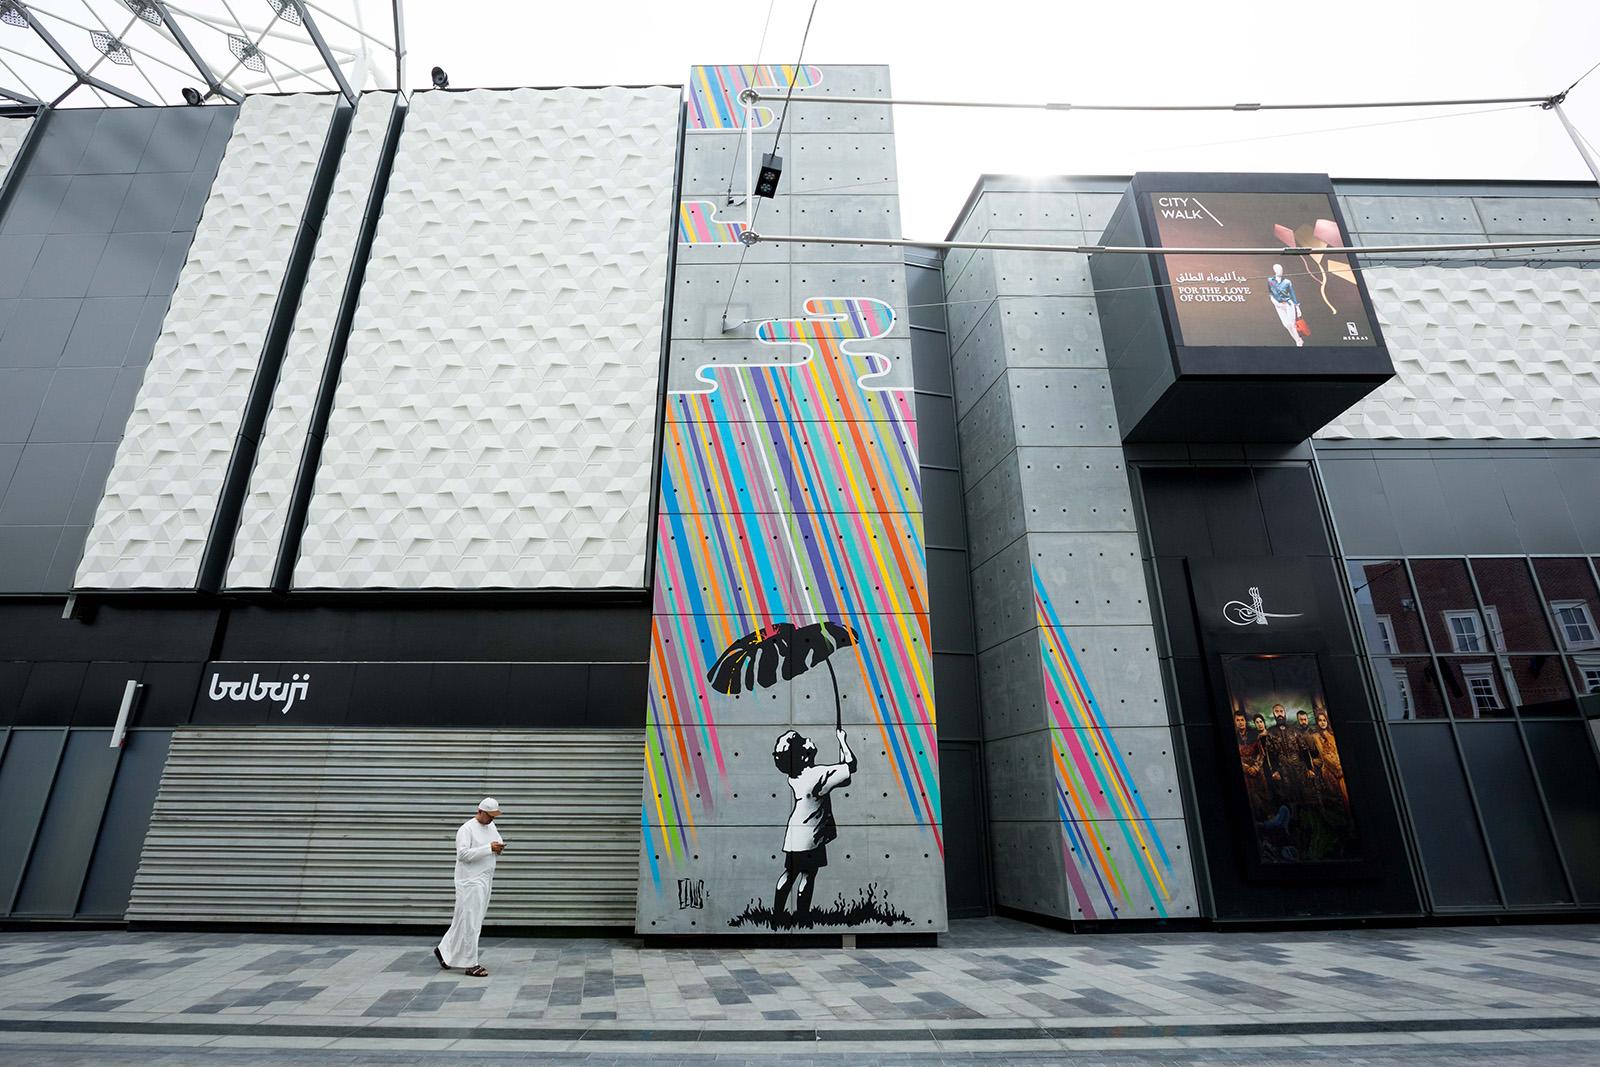 Eelus's mural for Dubai Walls